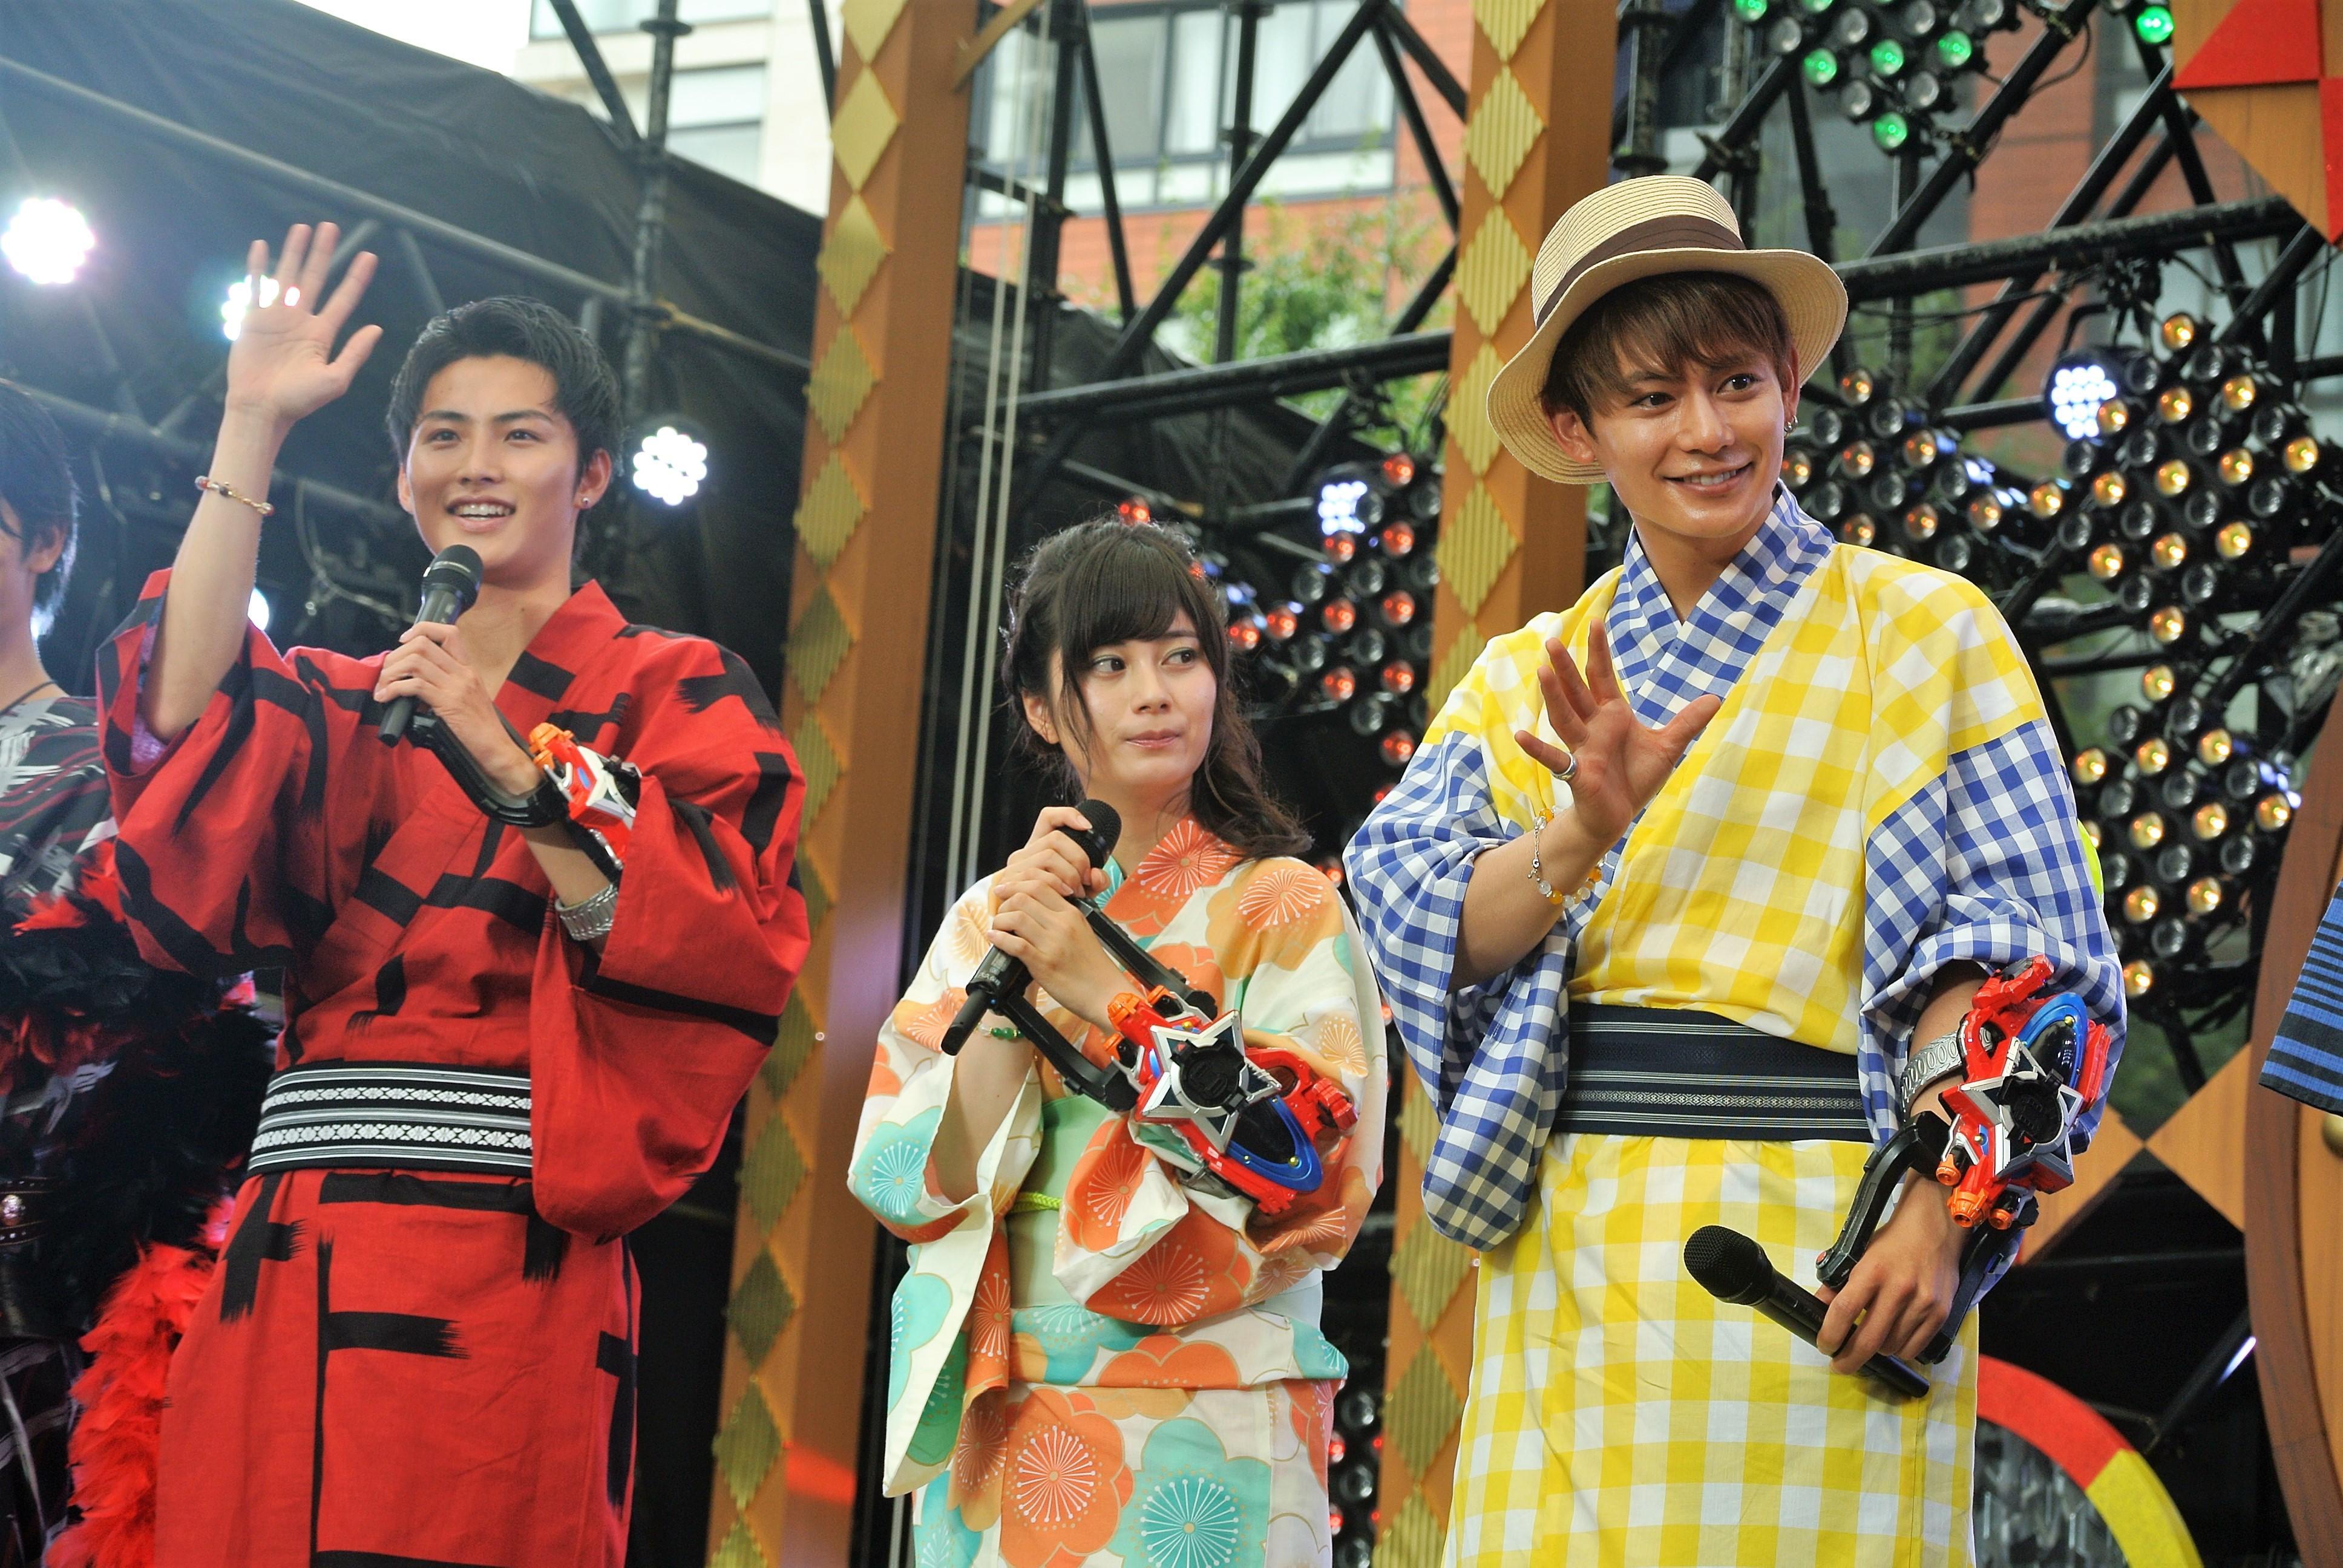 http://news.yoshimoto.co.jp/20170731175000-0d23fa91cc35a63c02e6d11459260b82974ab2c1.jpg